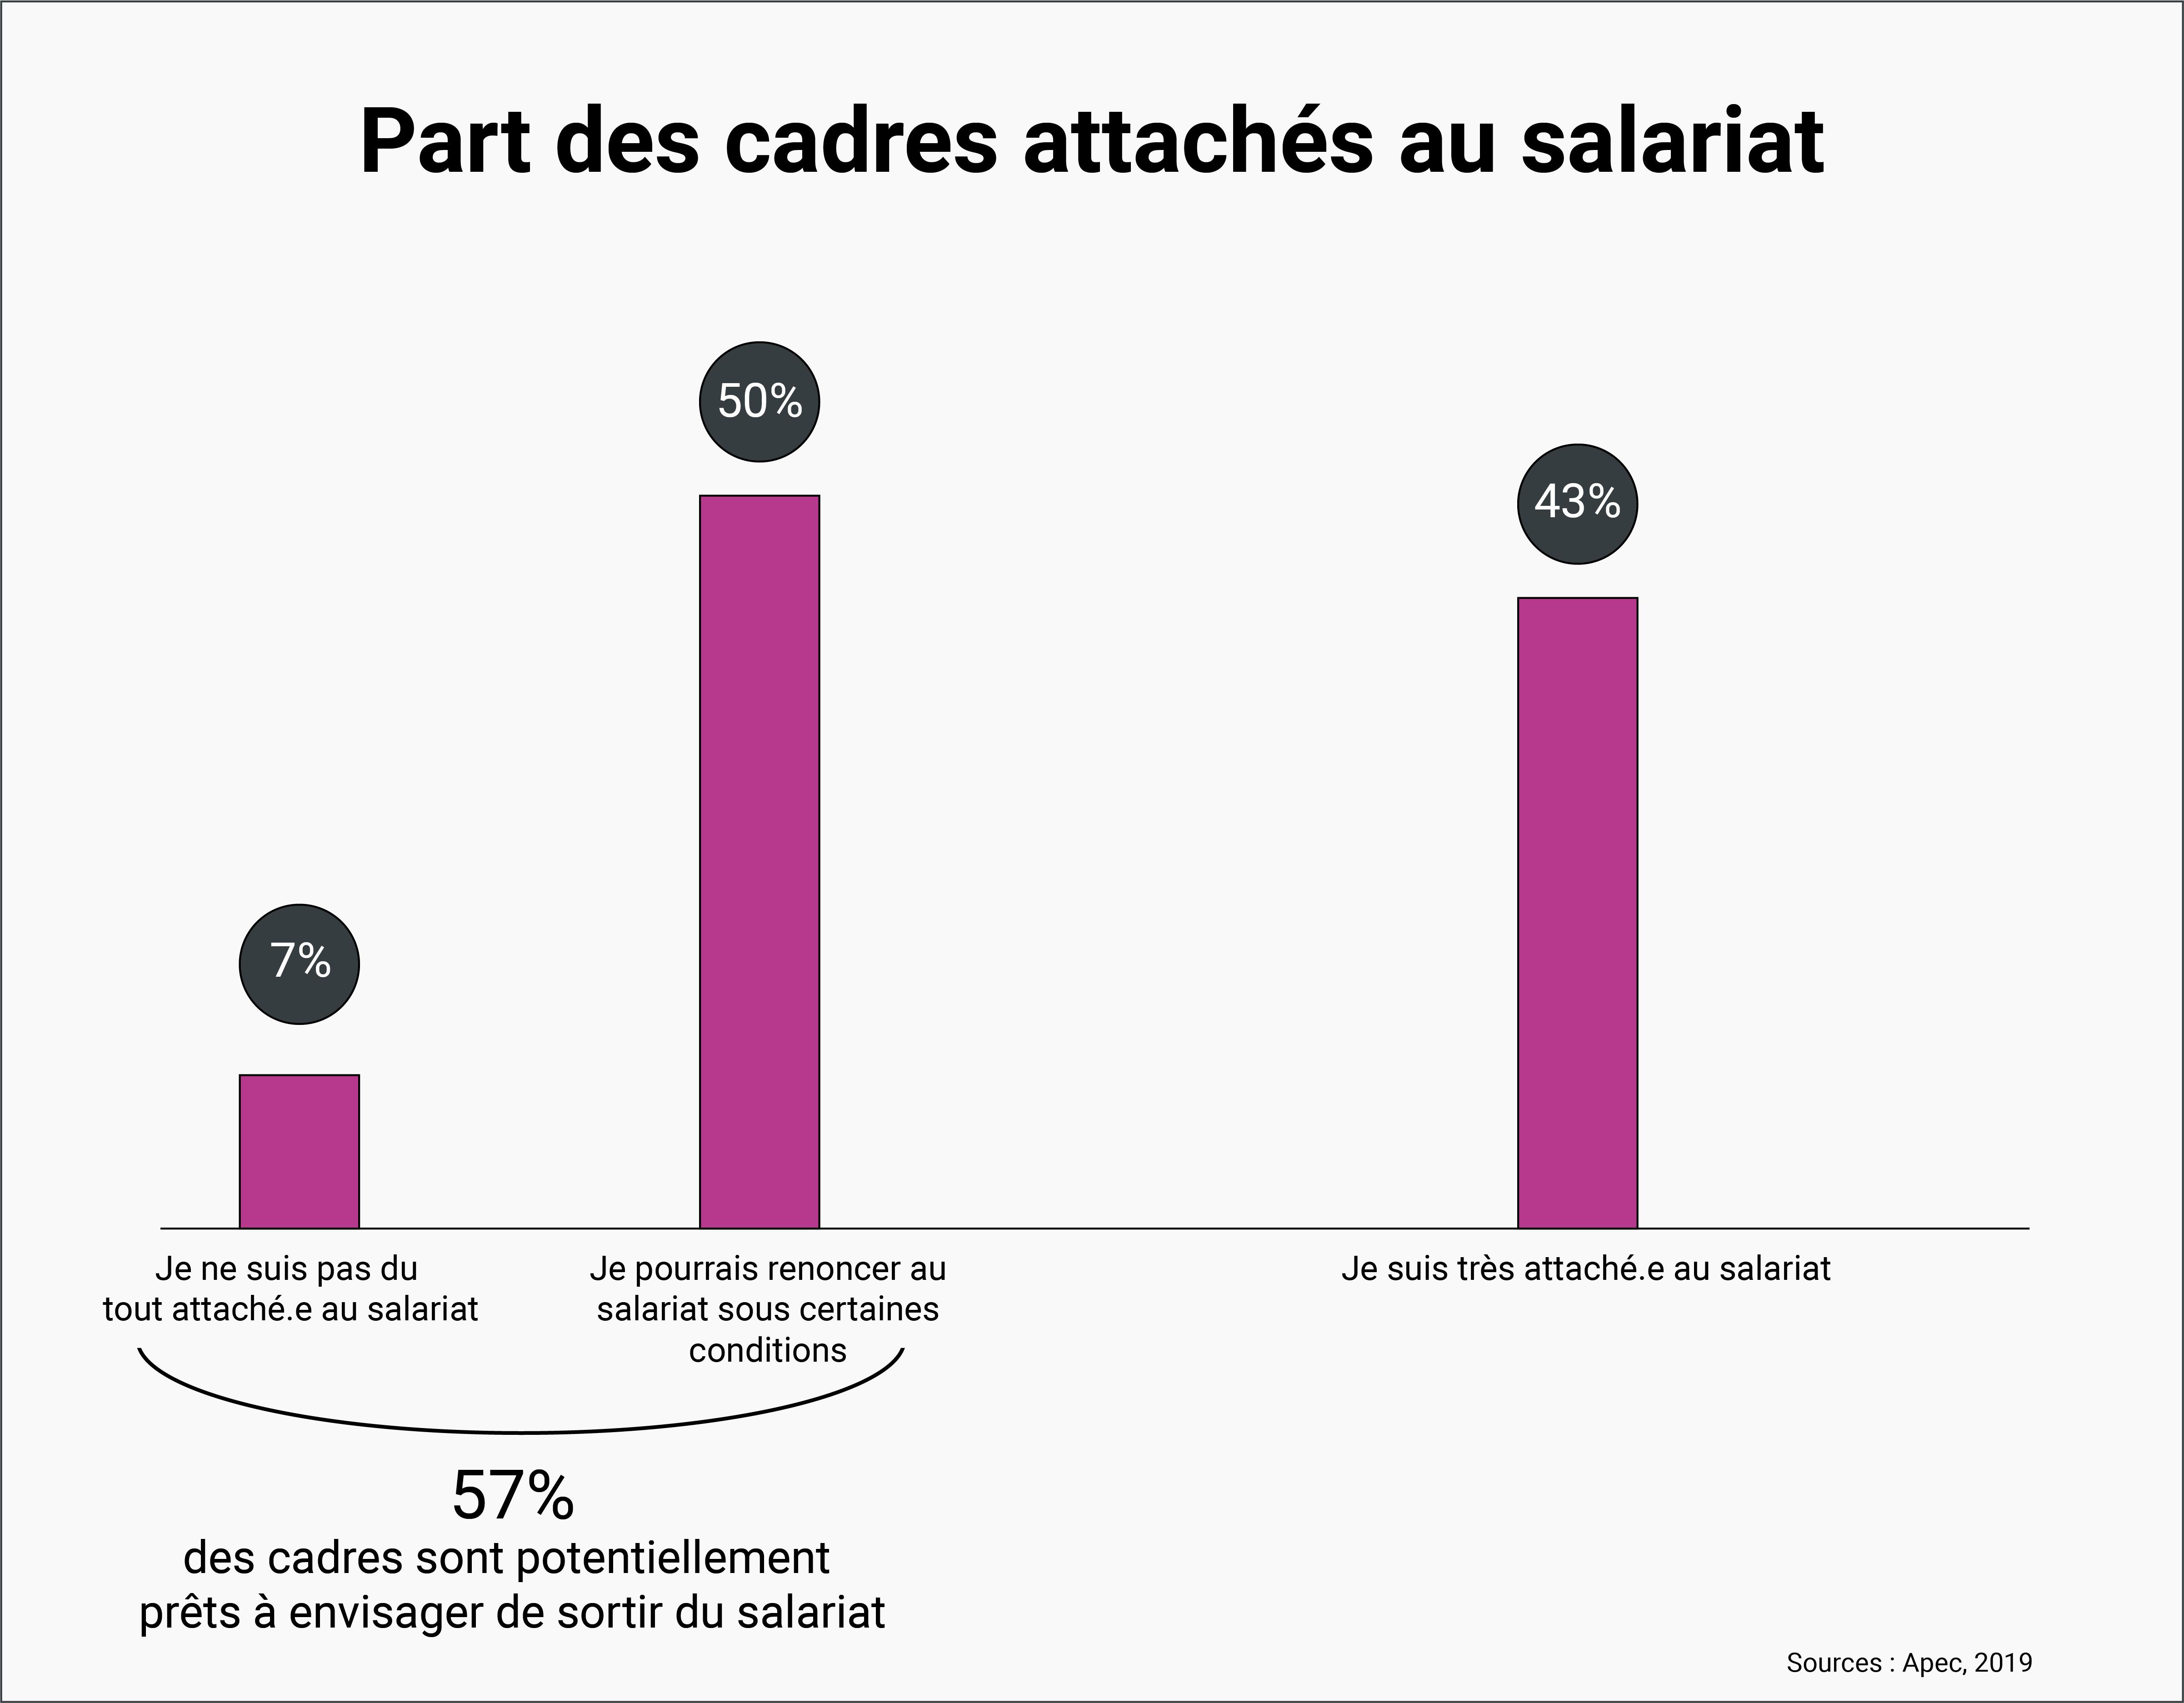 PART DES CADRES ATTACHÉS AU SALARIAT